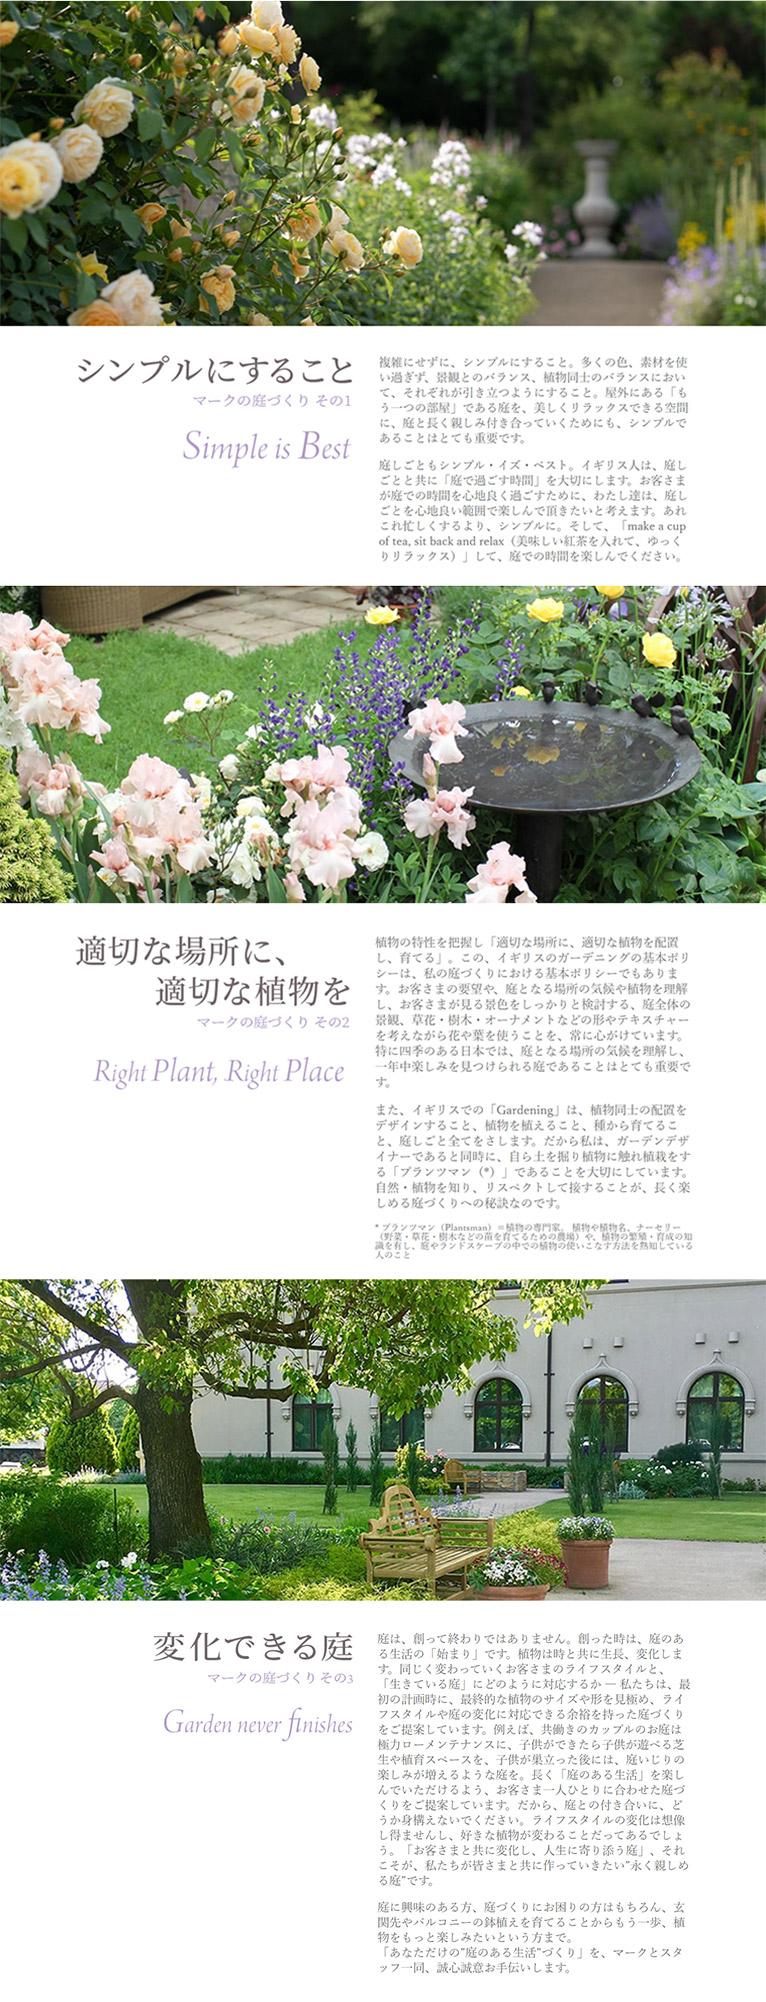 マークス ガーデン アート 英国人ガーデンデザイナー、マーク・チャップマン 紹介ページ